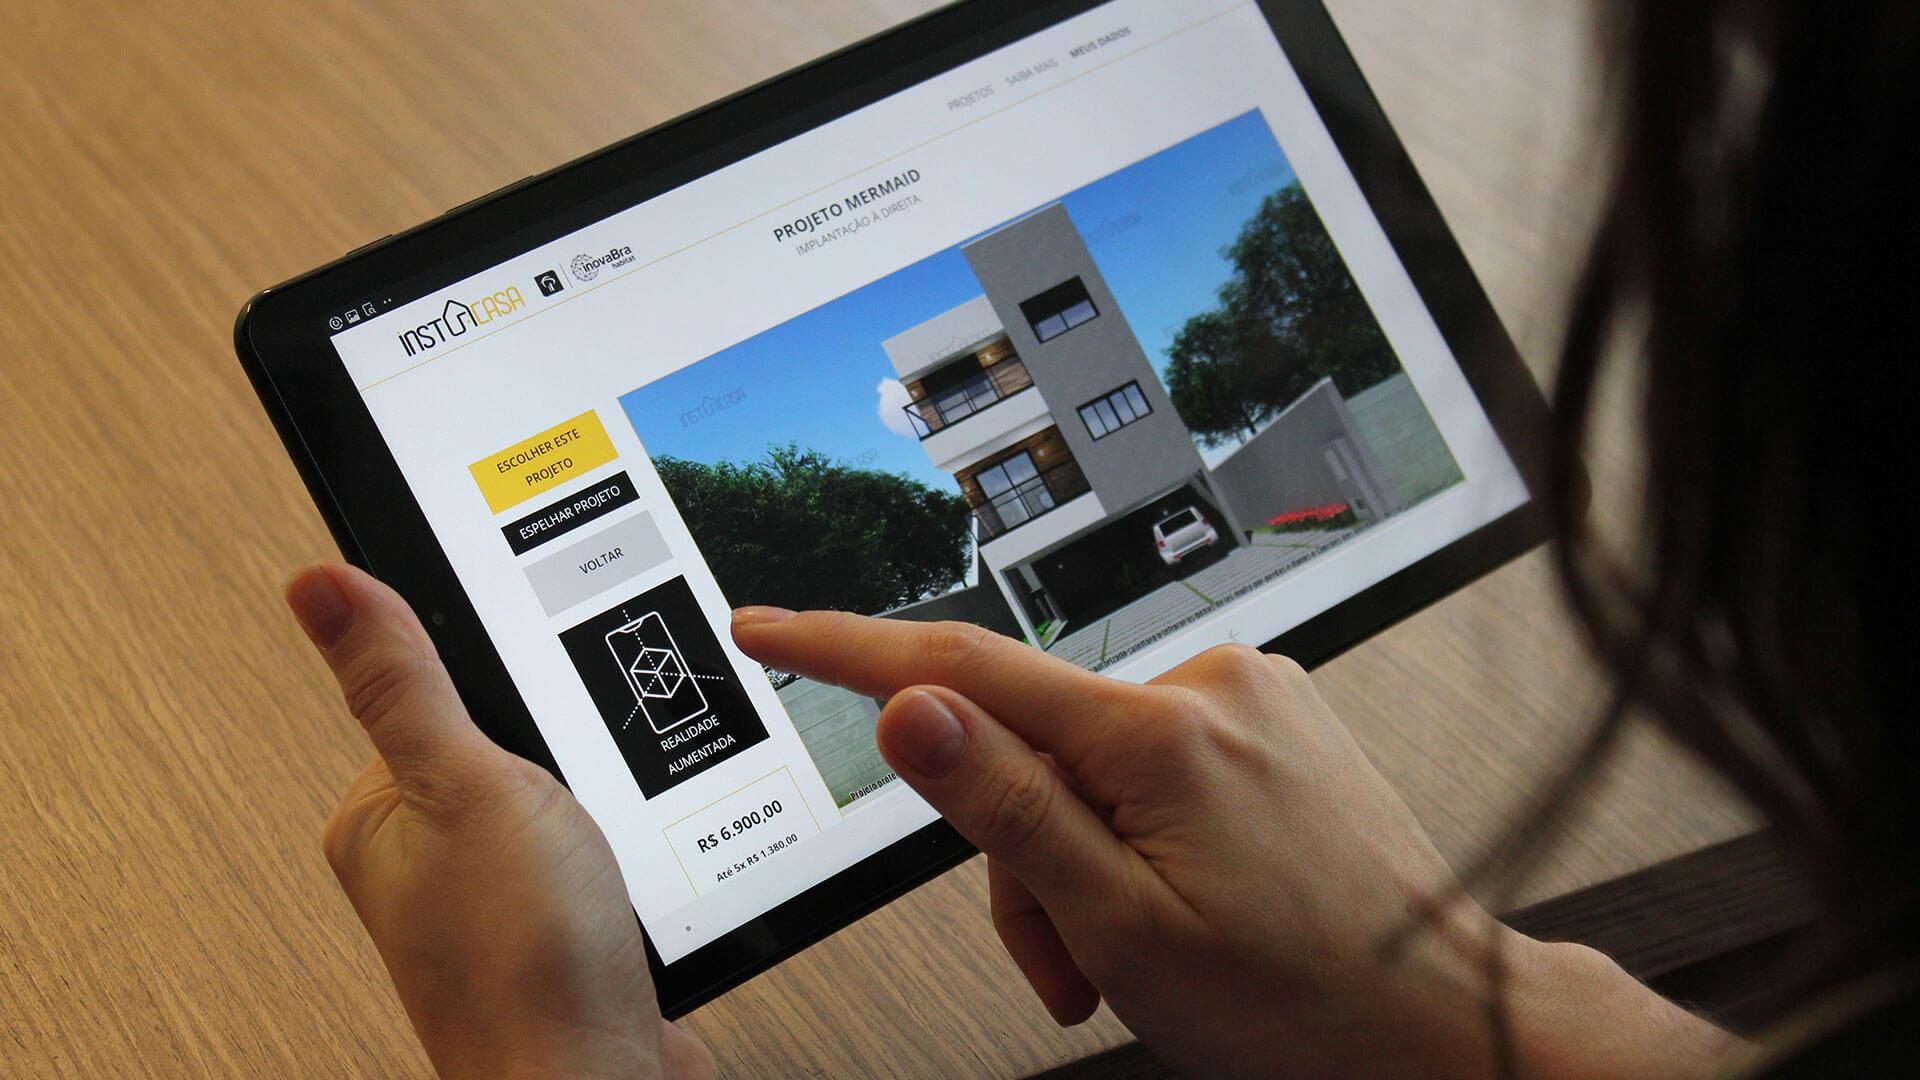 mãos segurando um tablet com o aplicativo da instacasa aberto